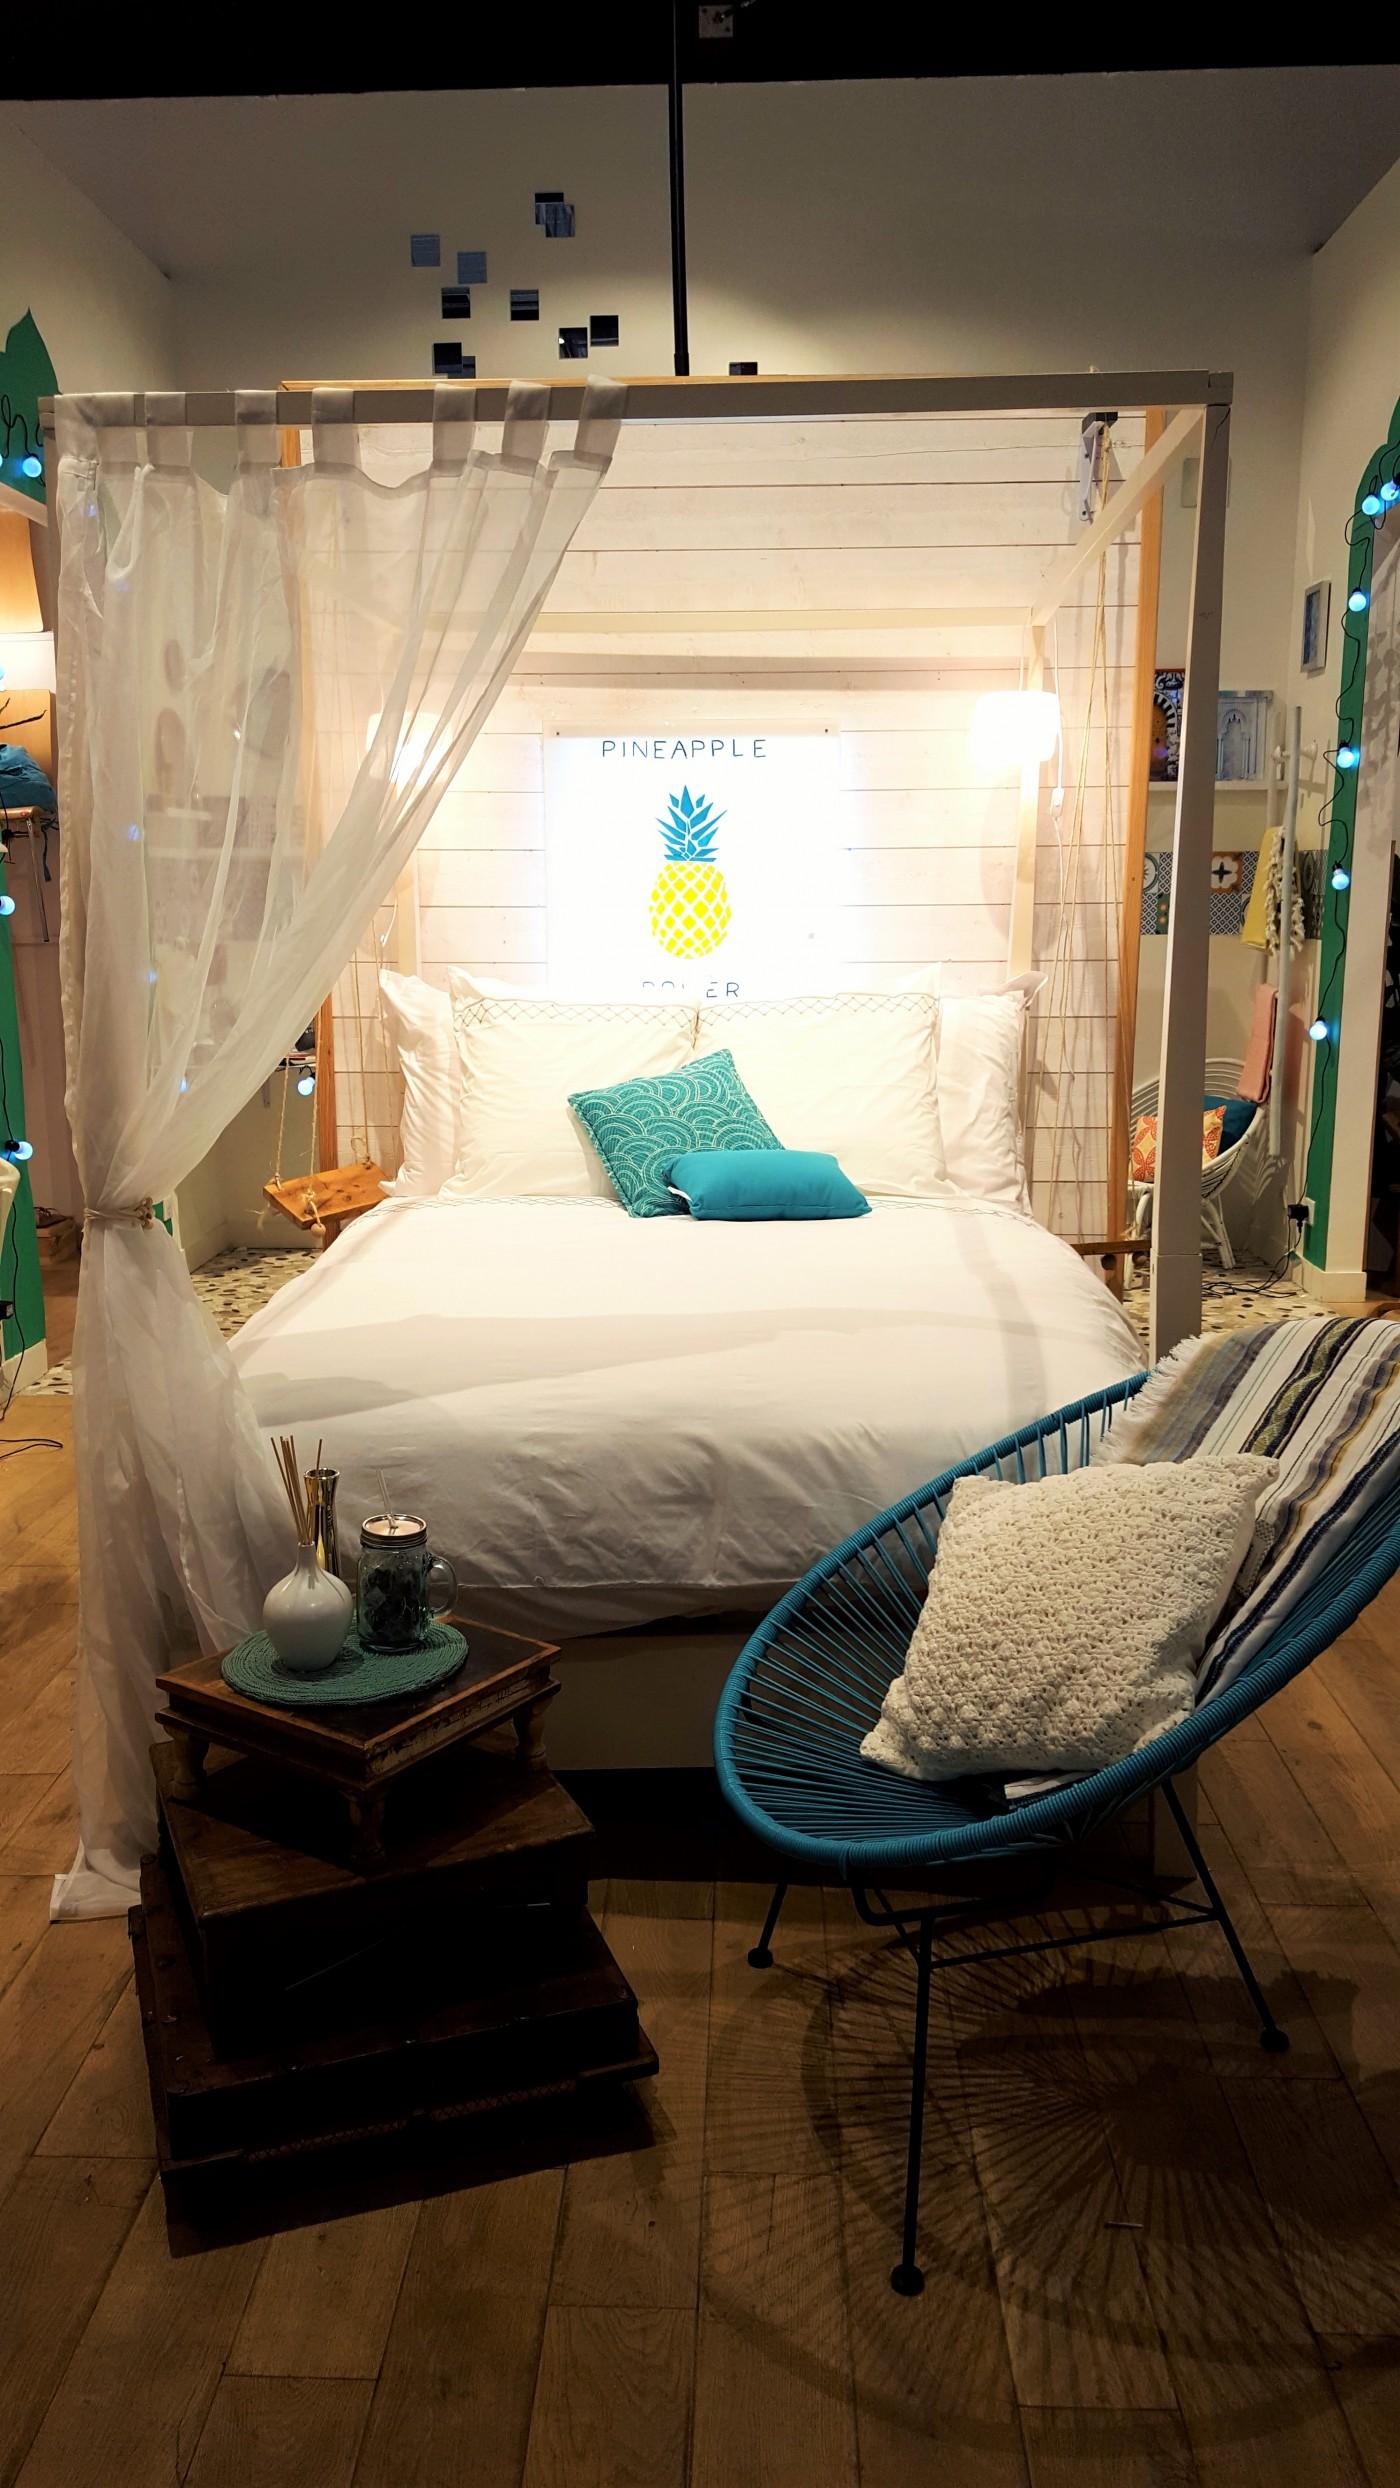 le nouveau d clic goa s 39 invite dans votre chambre blog z dio. Black Bedroom Furniture Sets. Home Design Ideas